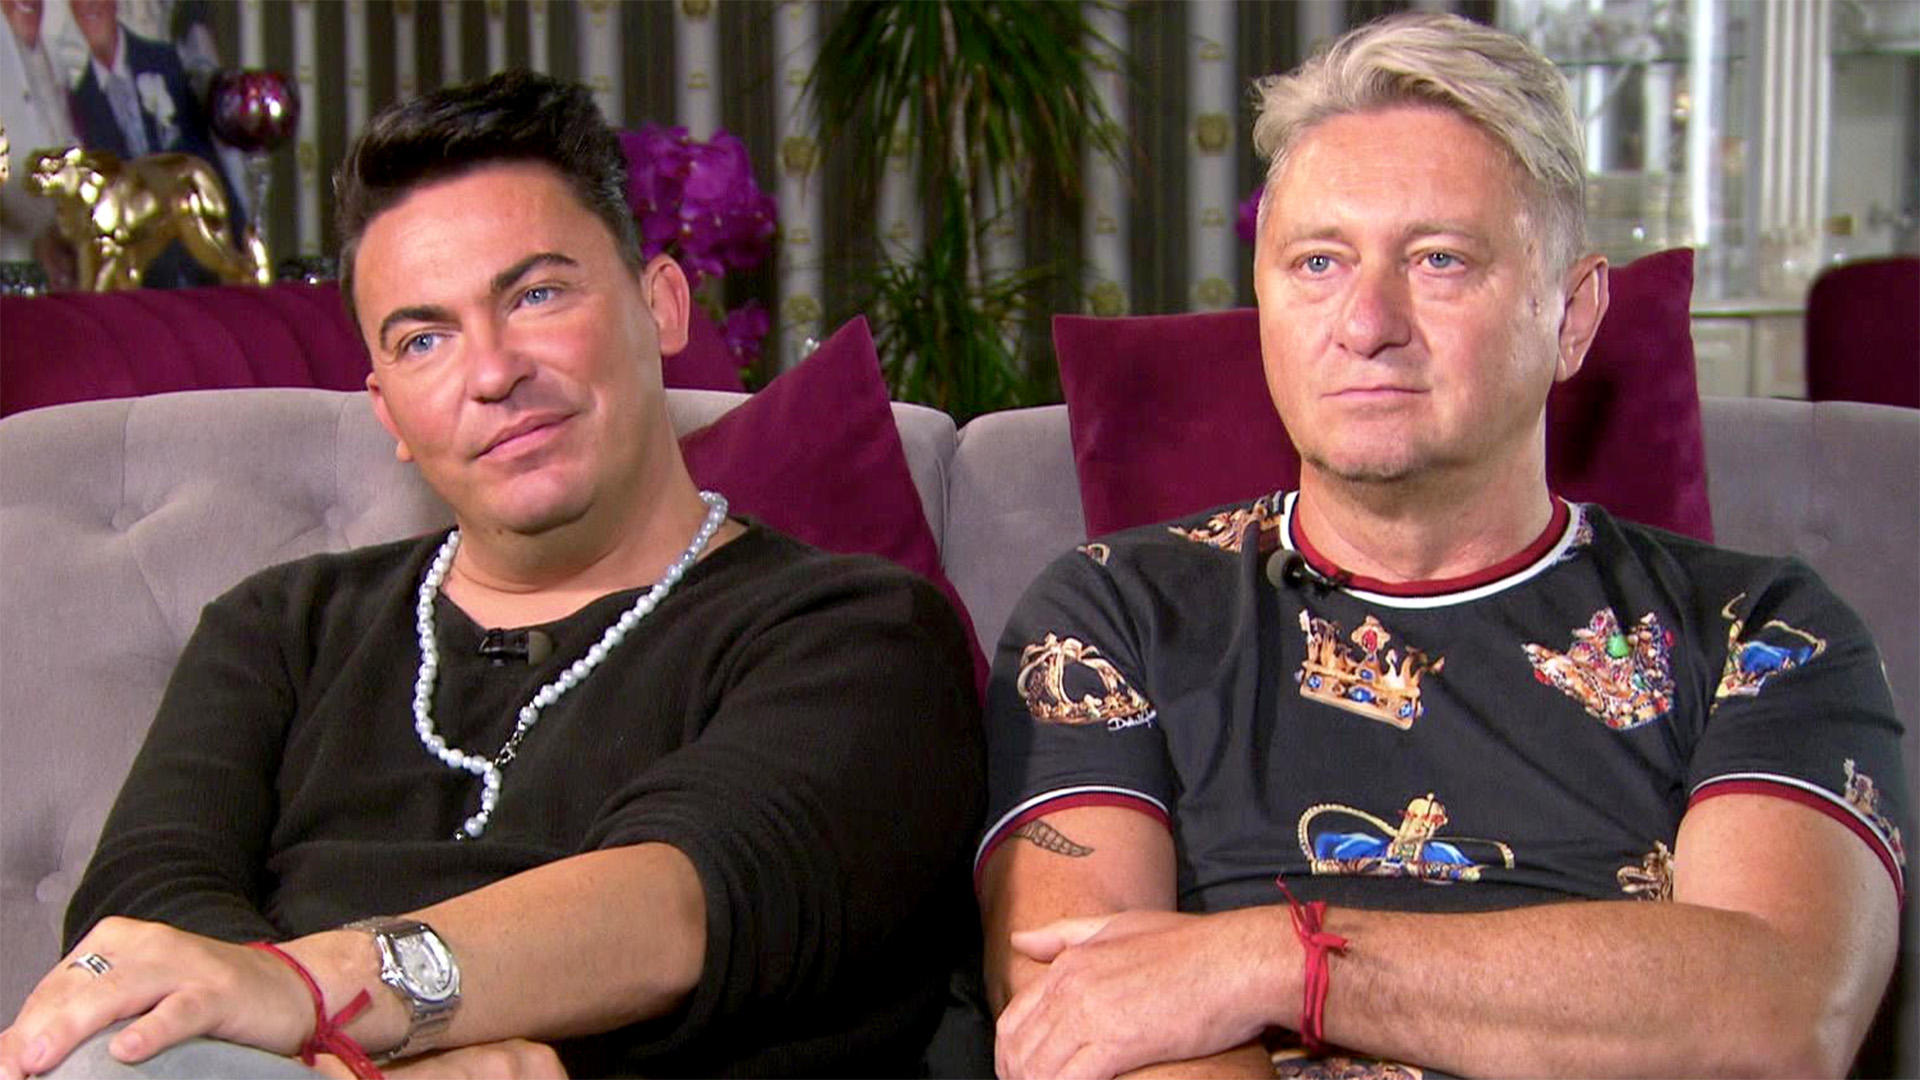 Heute u.a.: Matthias & Hubert bekommen Hilfe aus Fernost | Folge 42